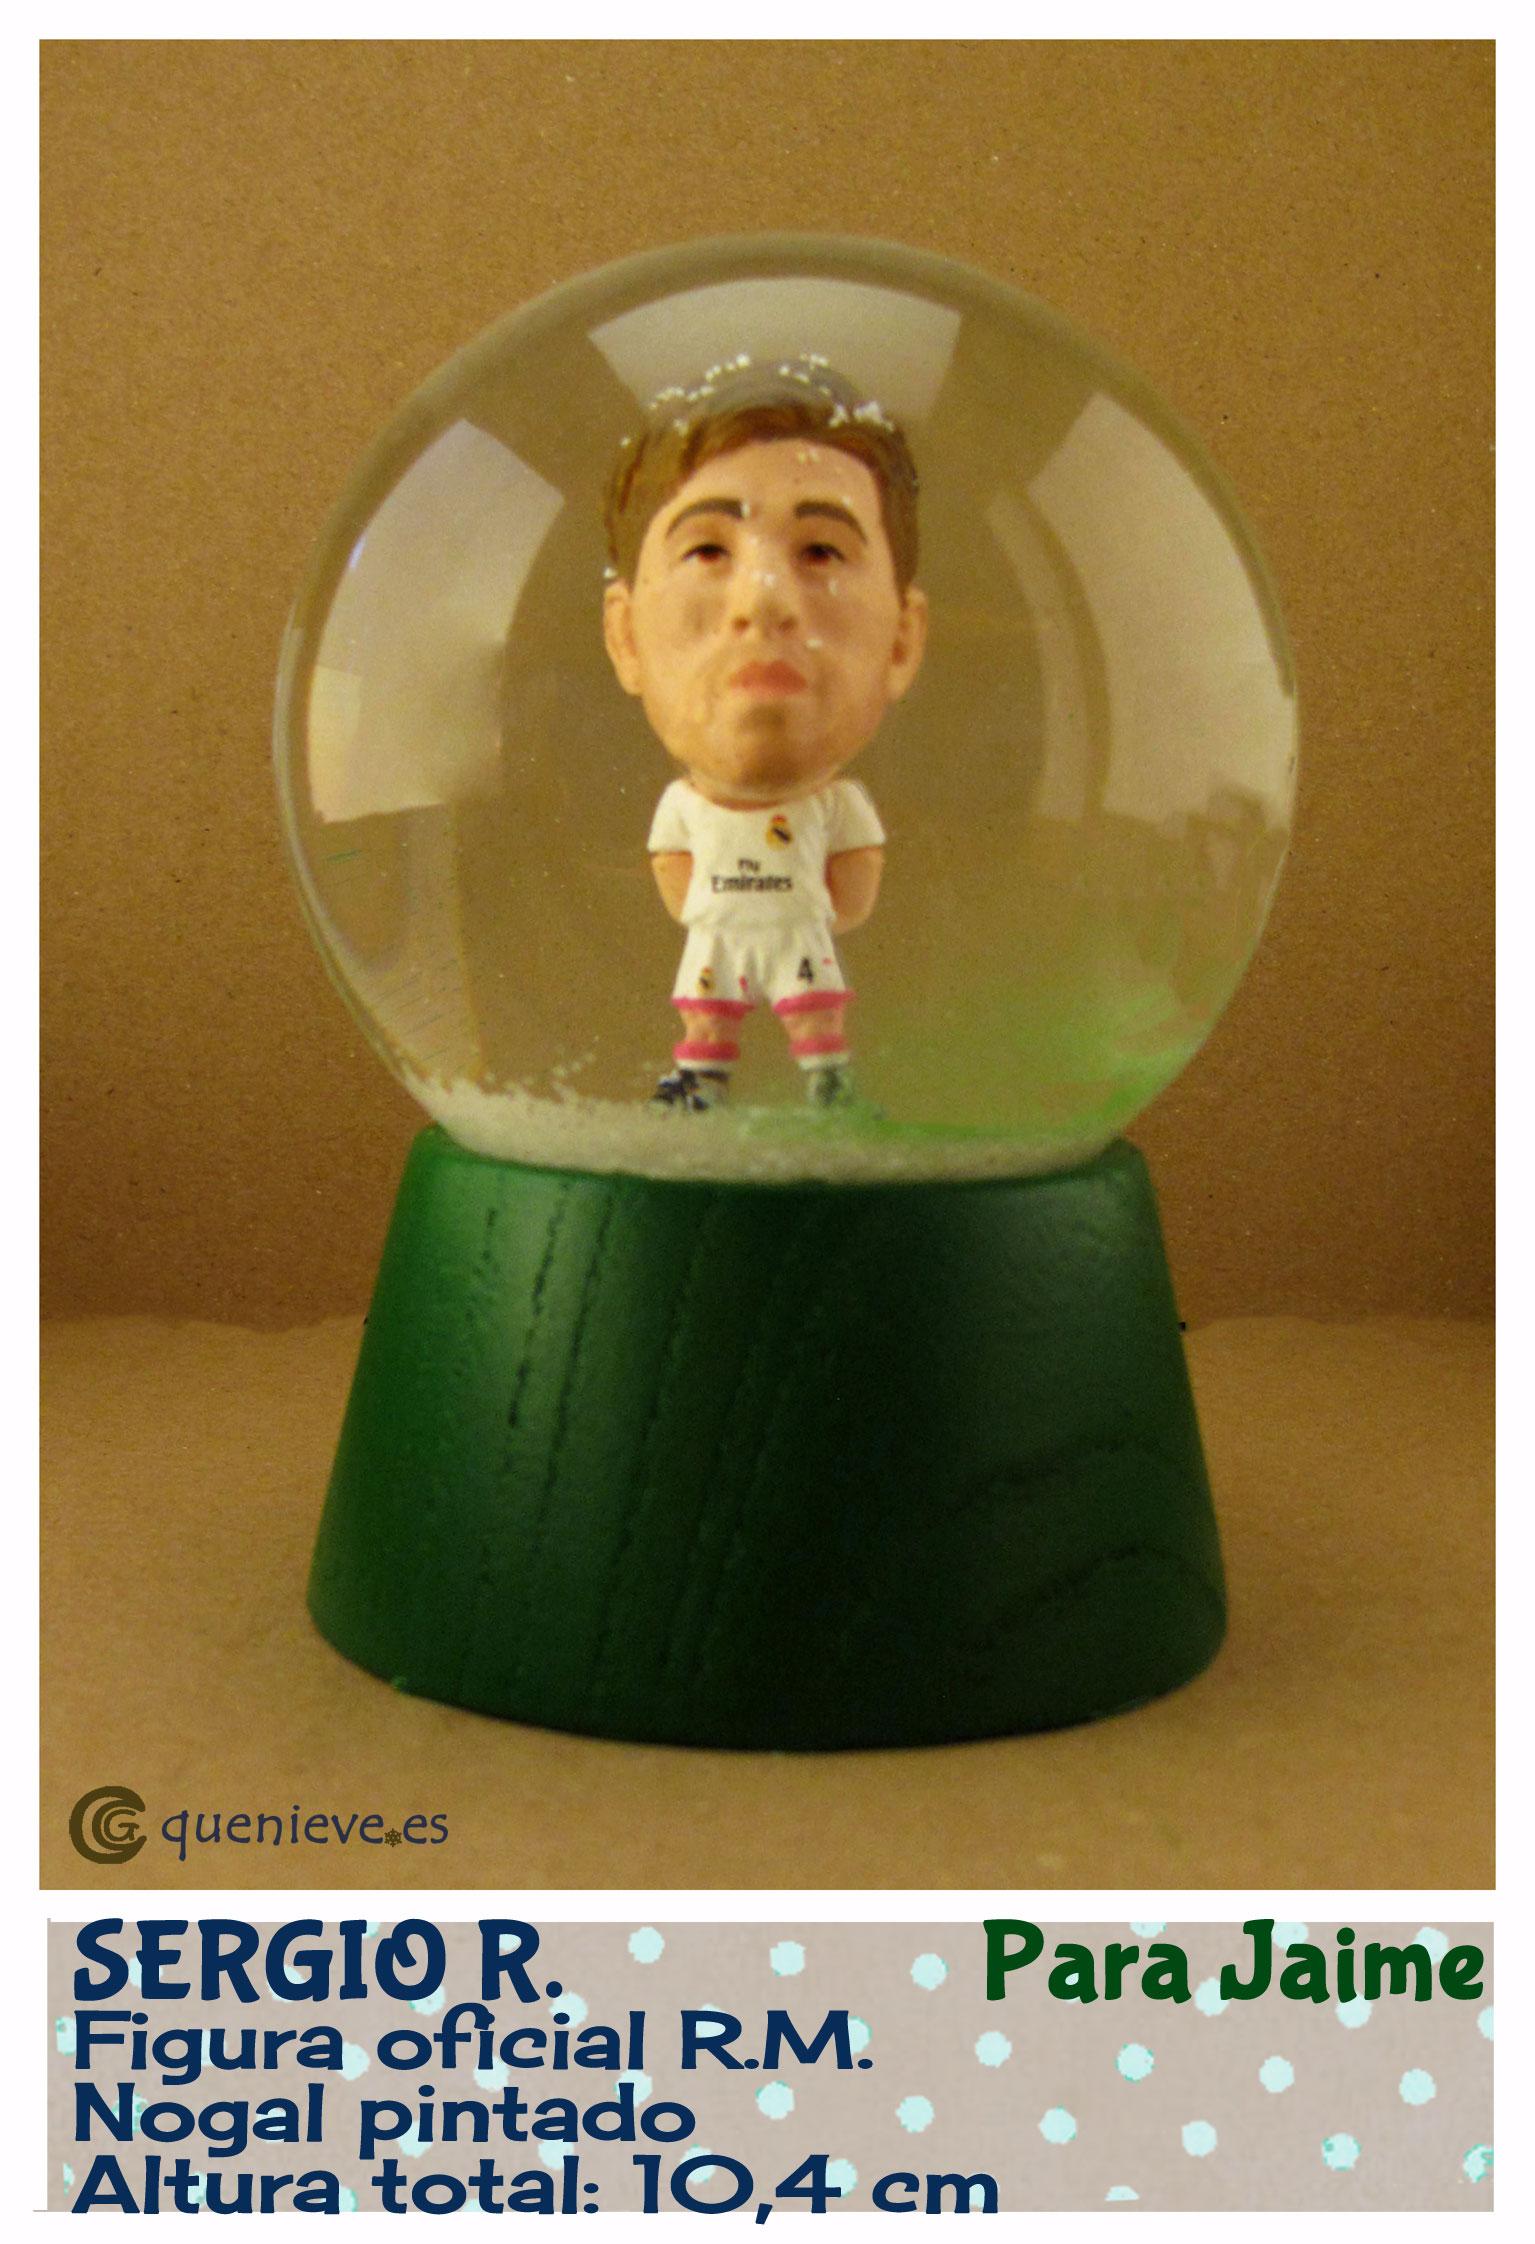 Bola de nieve personalizada con figura Sergio Ramos. Creada por QueNieve